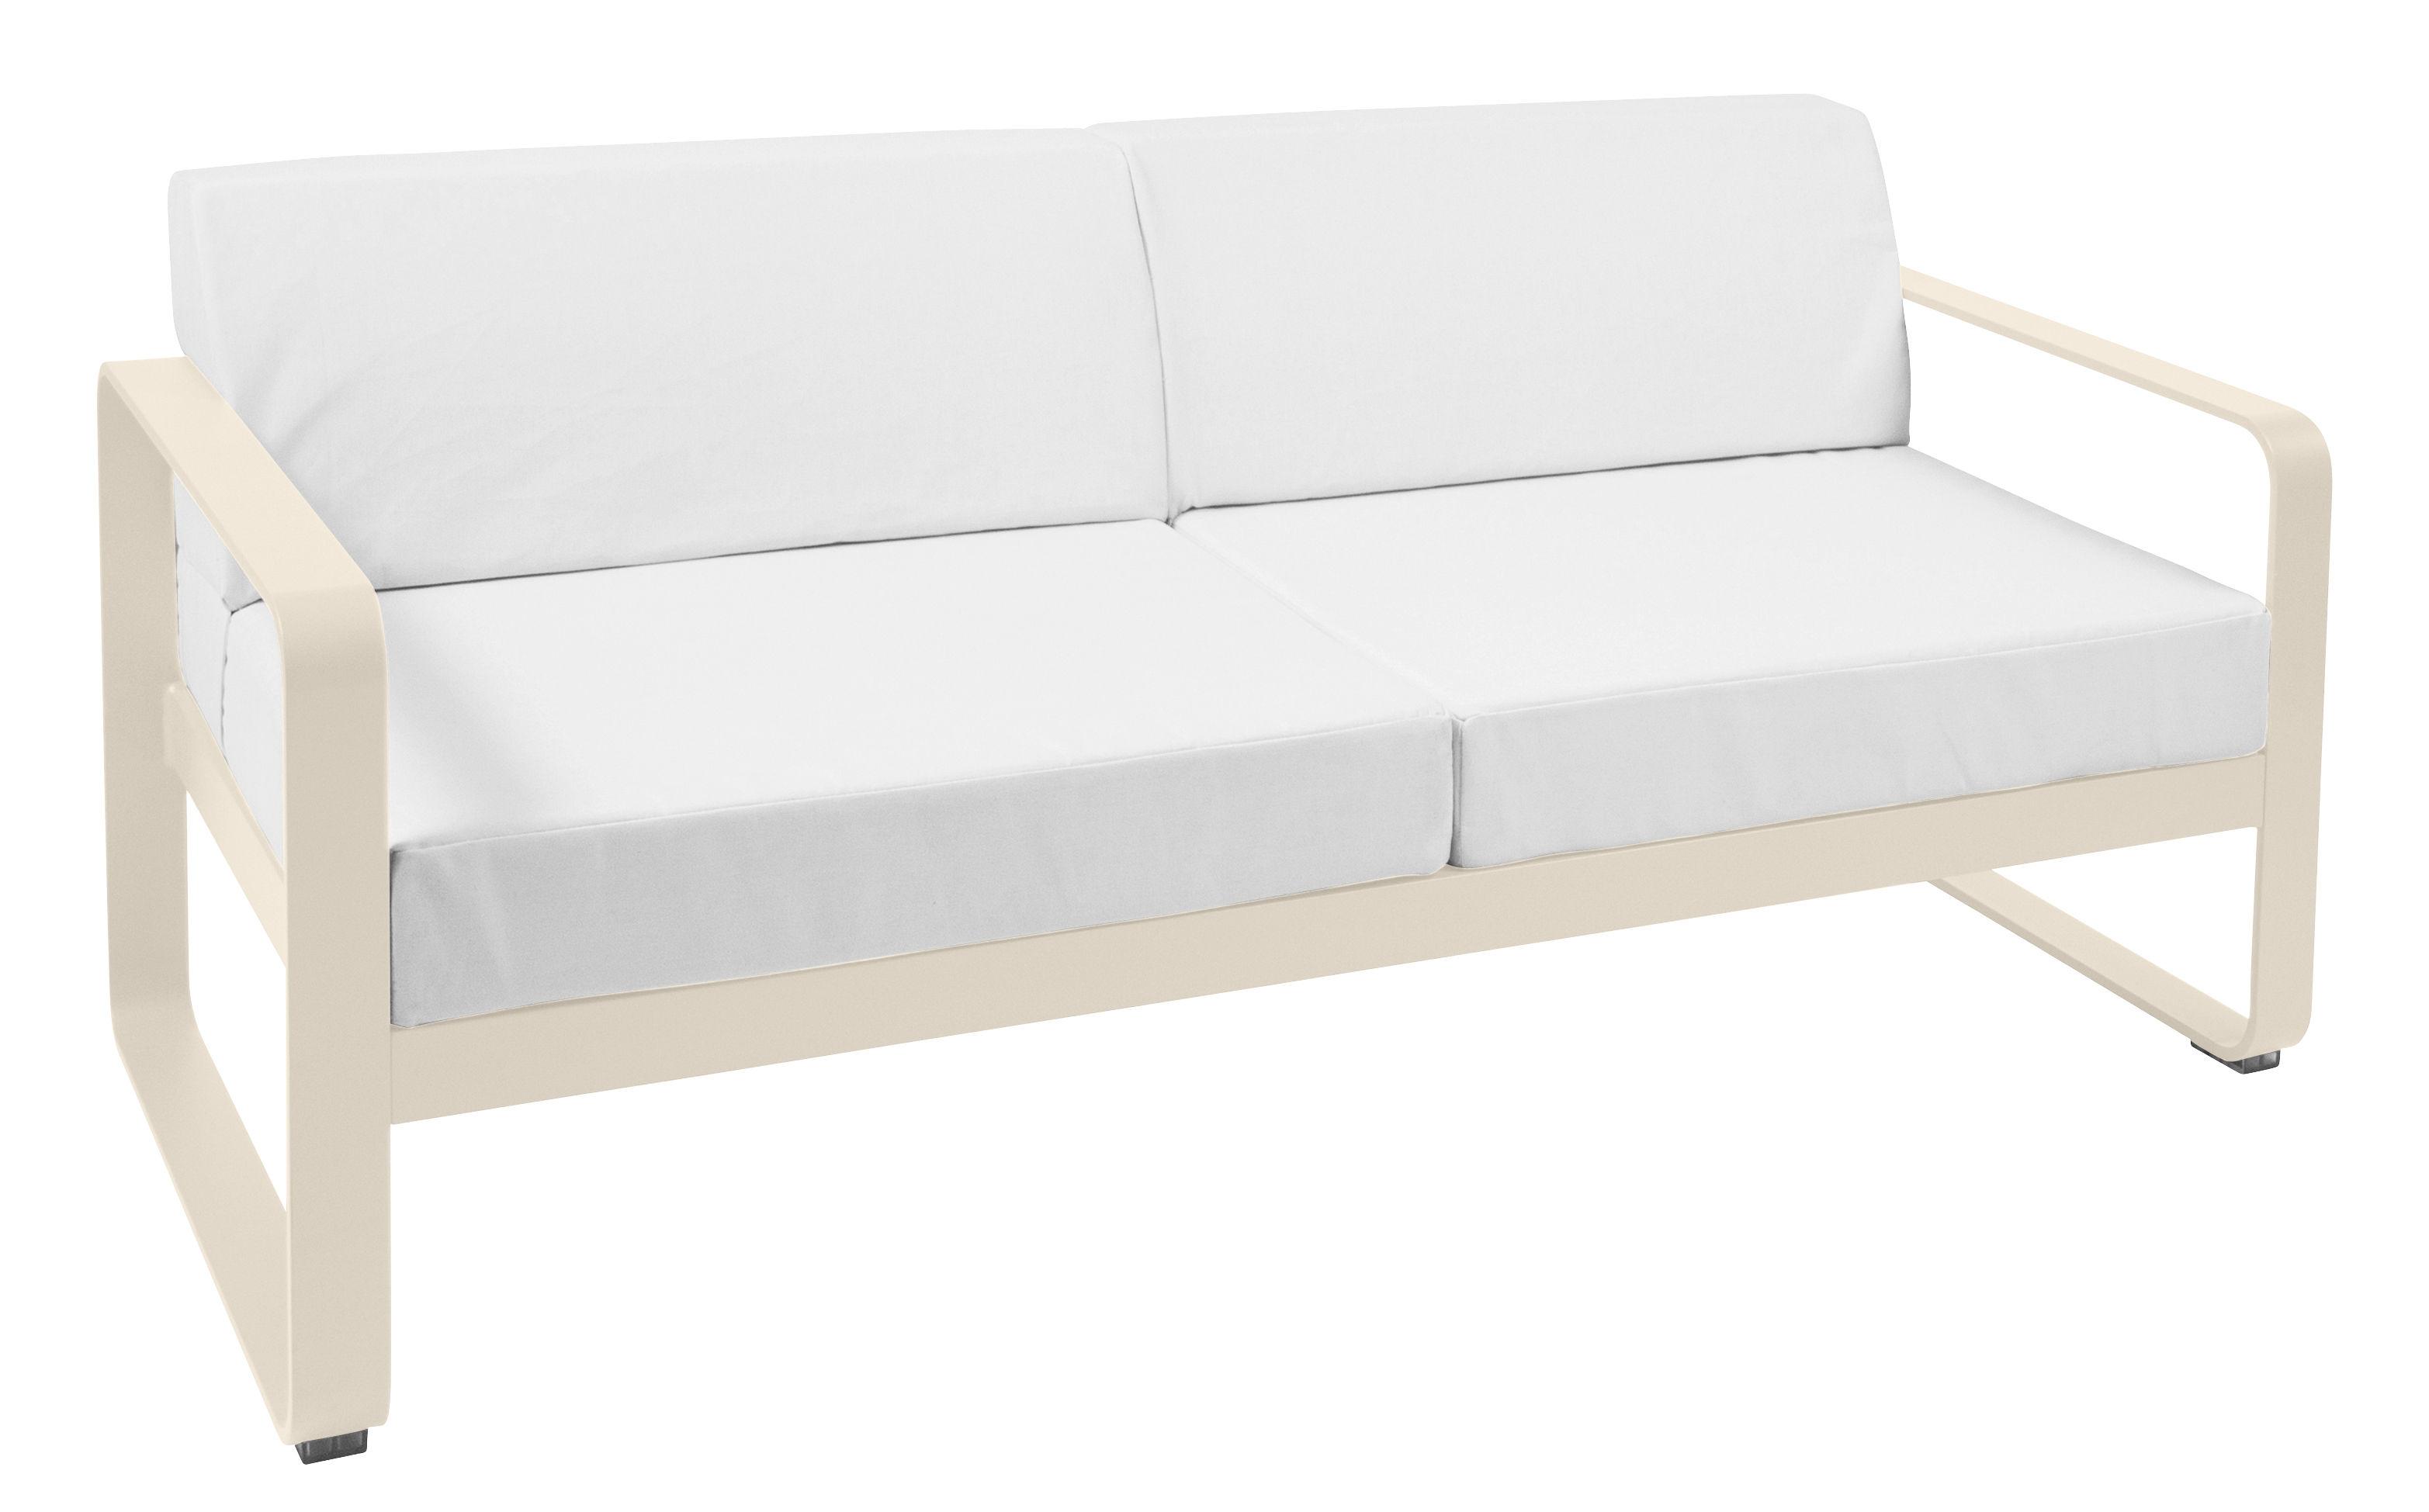 canap droit bellevie l 160 cm 2 places lin fermob. Black Bedroom Furniture Sets. Home Design Ideas